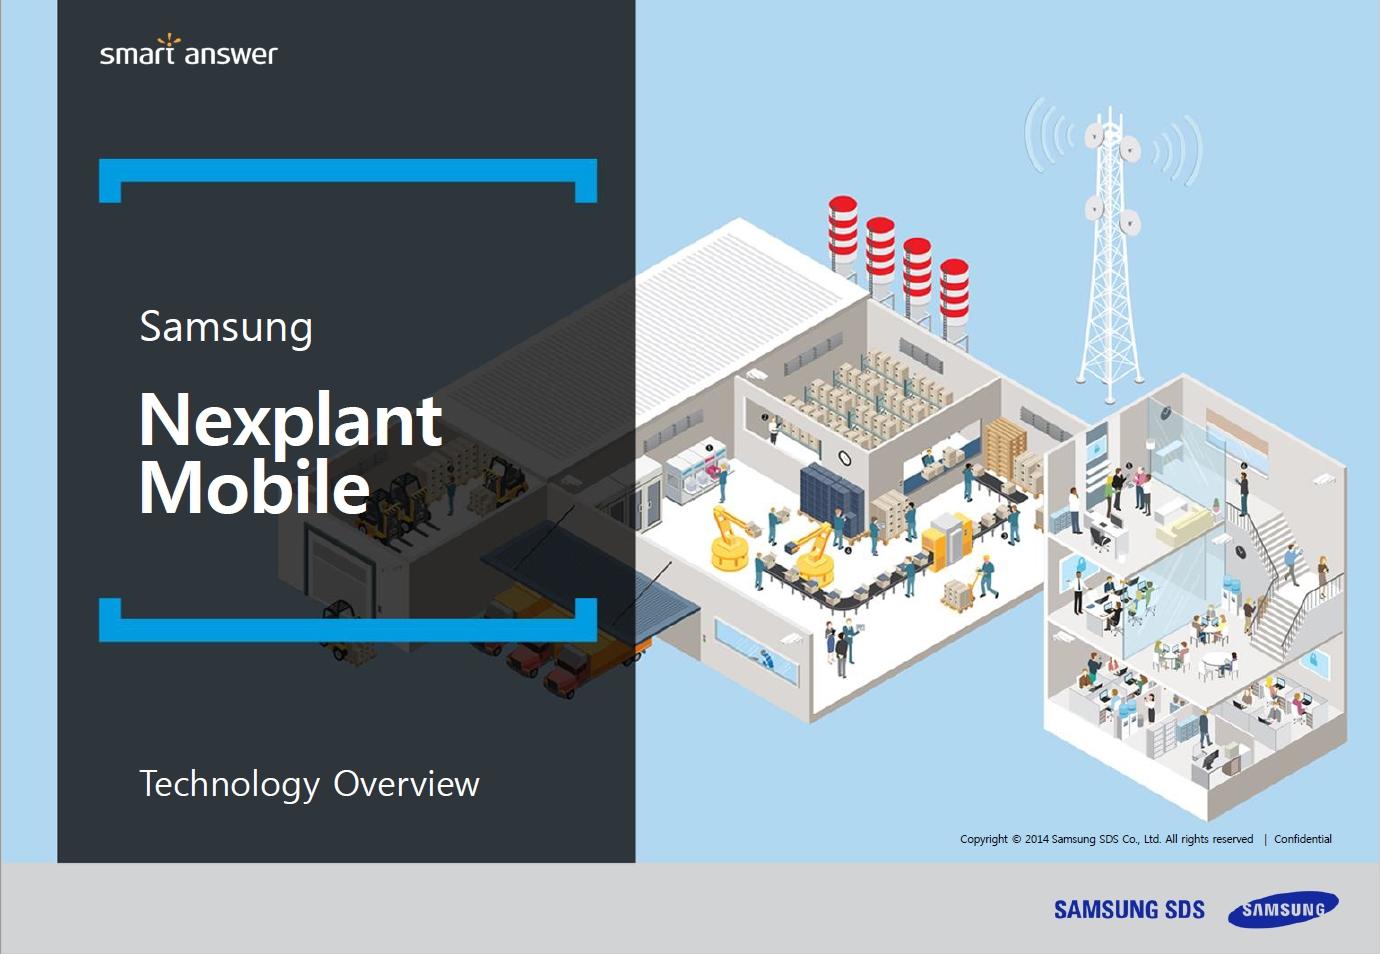 [Nexplant Mobile][PRESENTATION] Mobilidade: Controle suas  fábricas globais de qualquer lugar (Access your manufacturing facilities from anywhere)